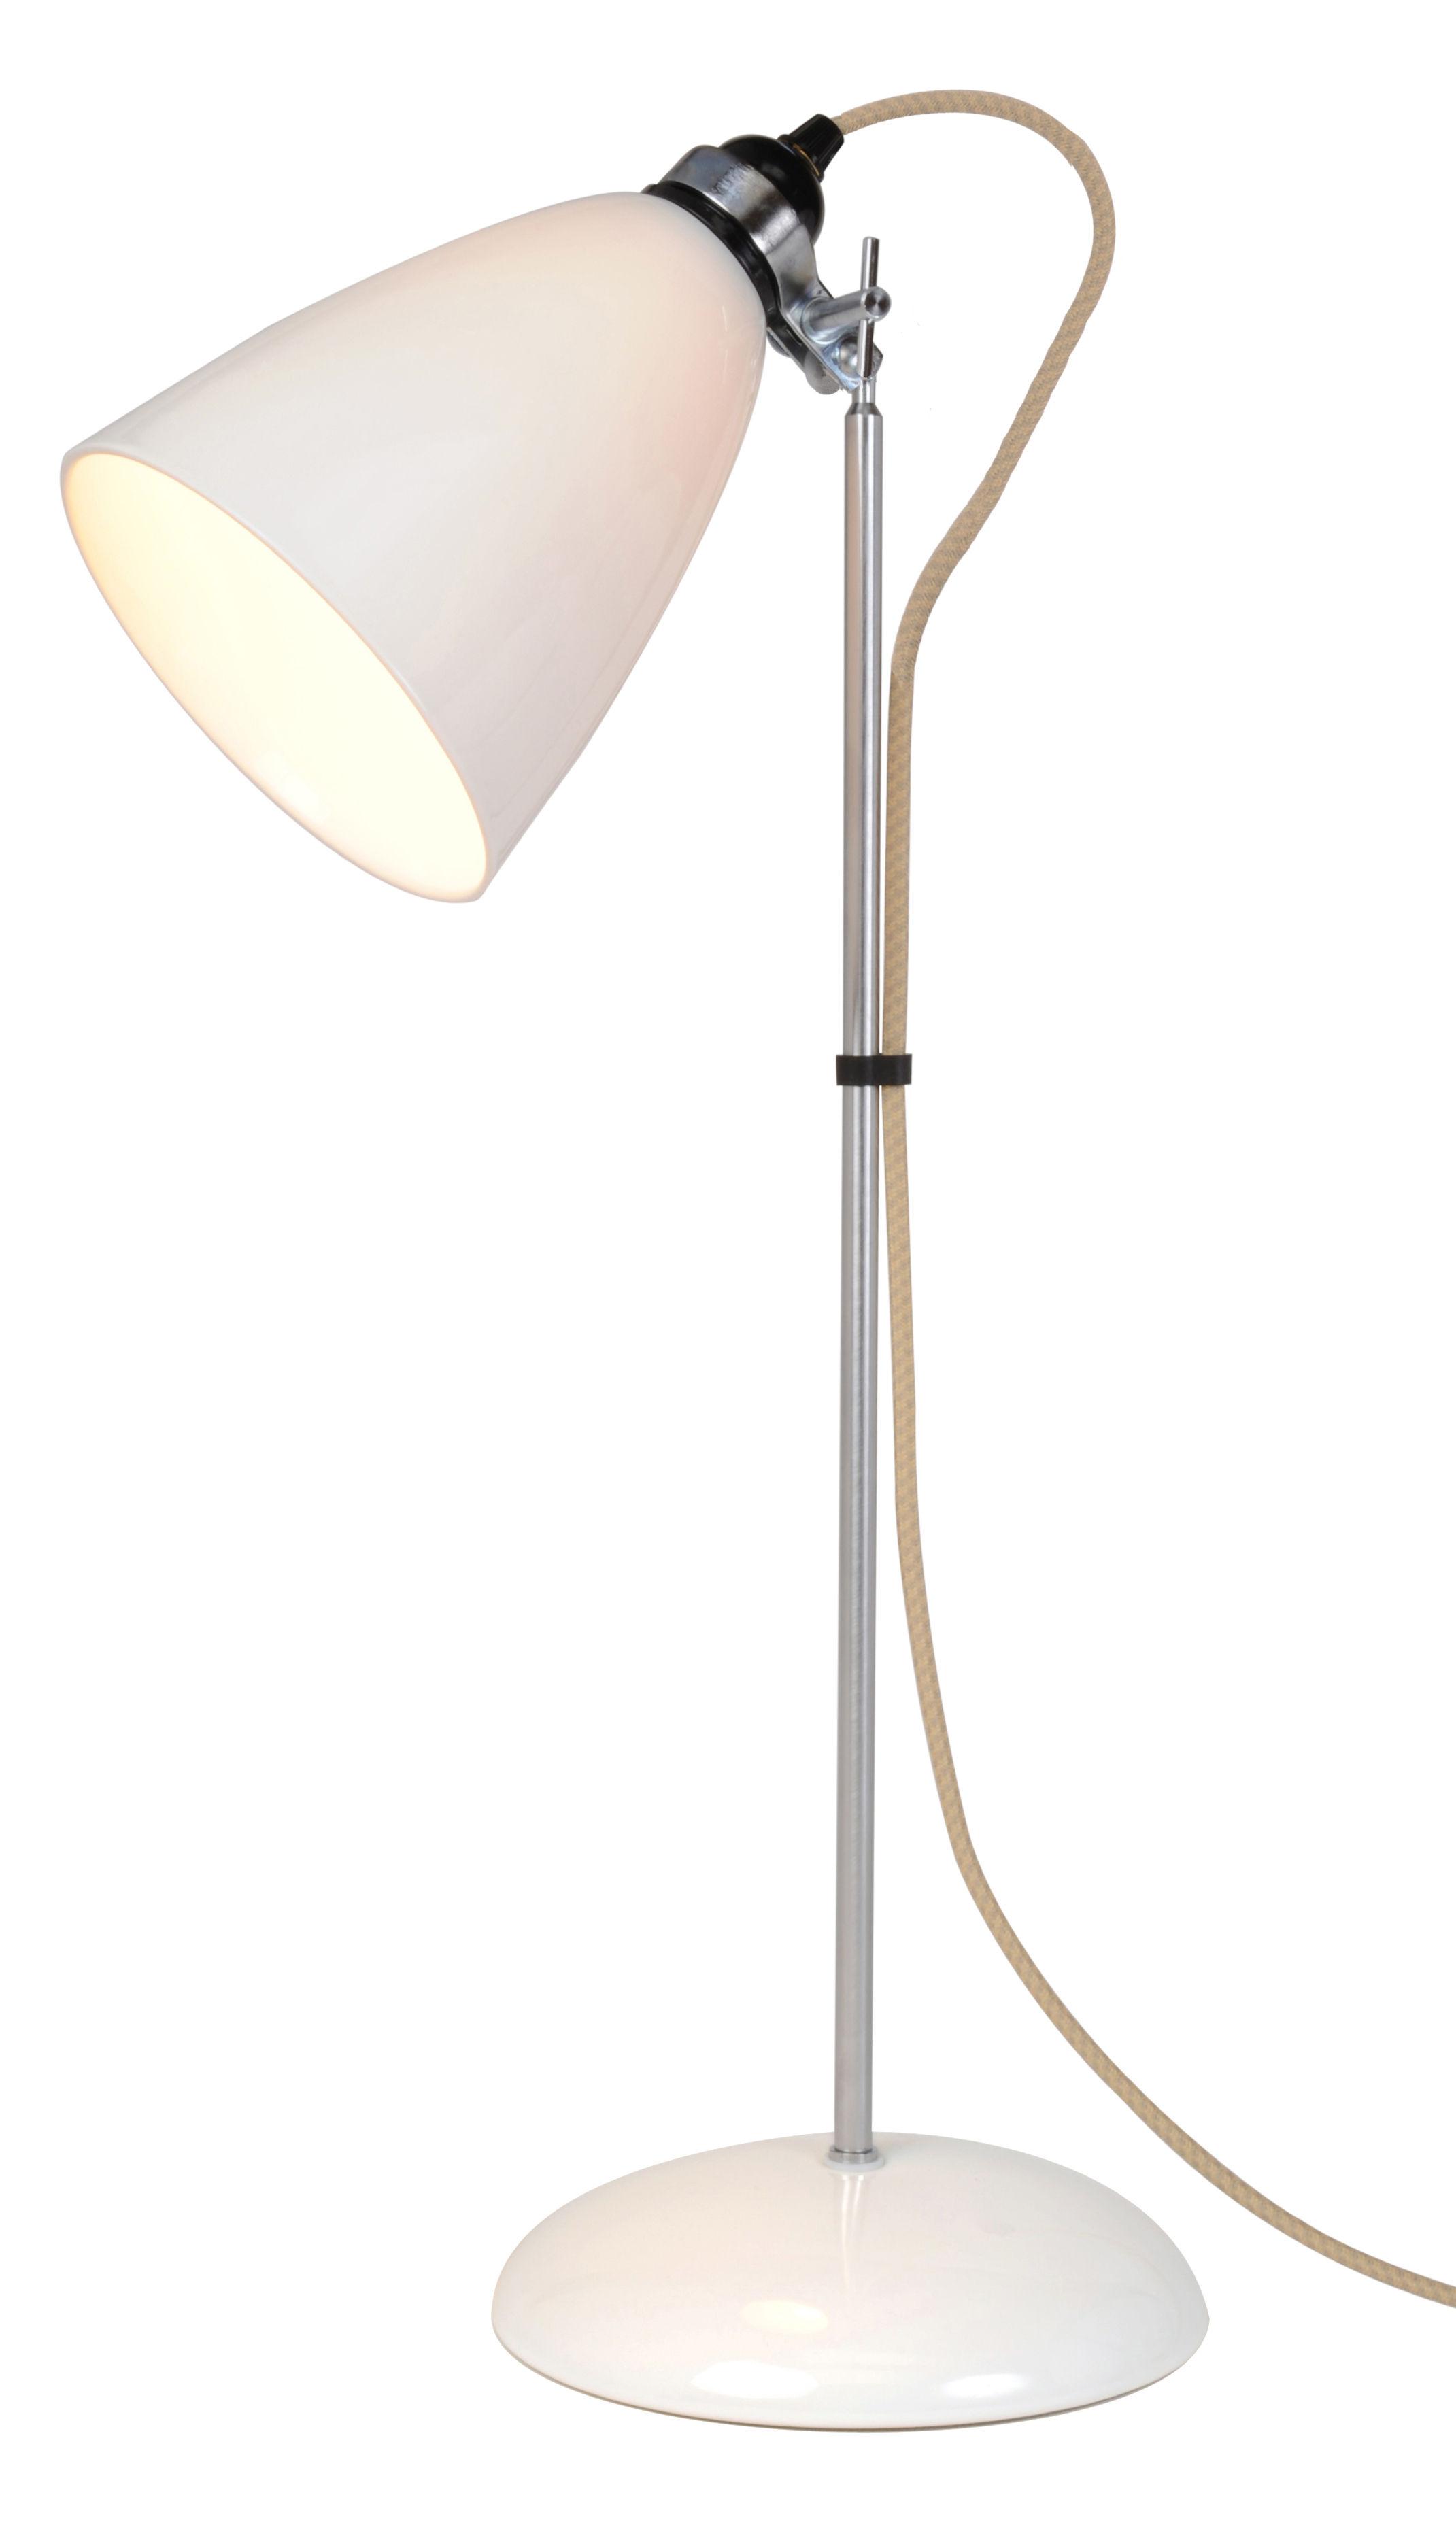 Leuchten - Tischleuchten - Hector Dome Tischleuchte - Original BTC -  - Porzellan, verchromtes Metall